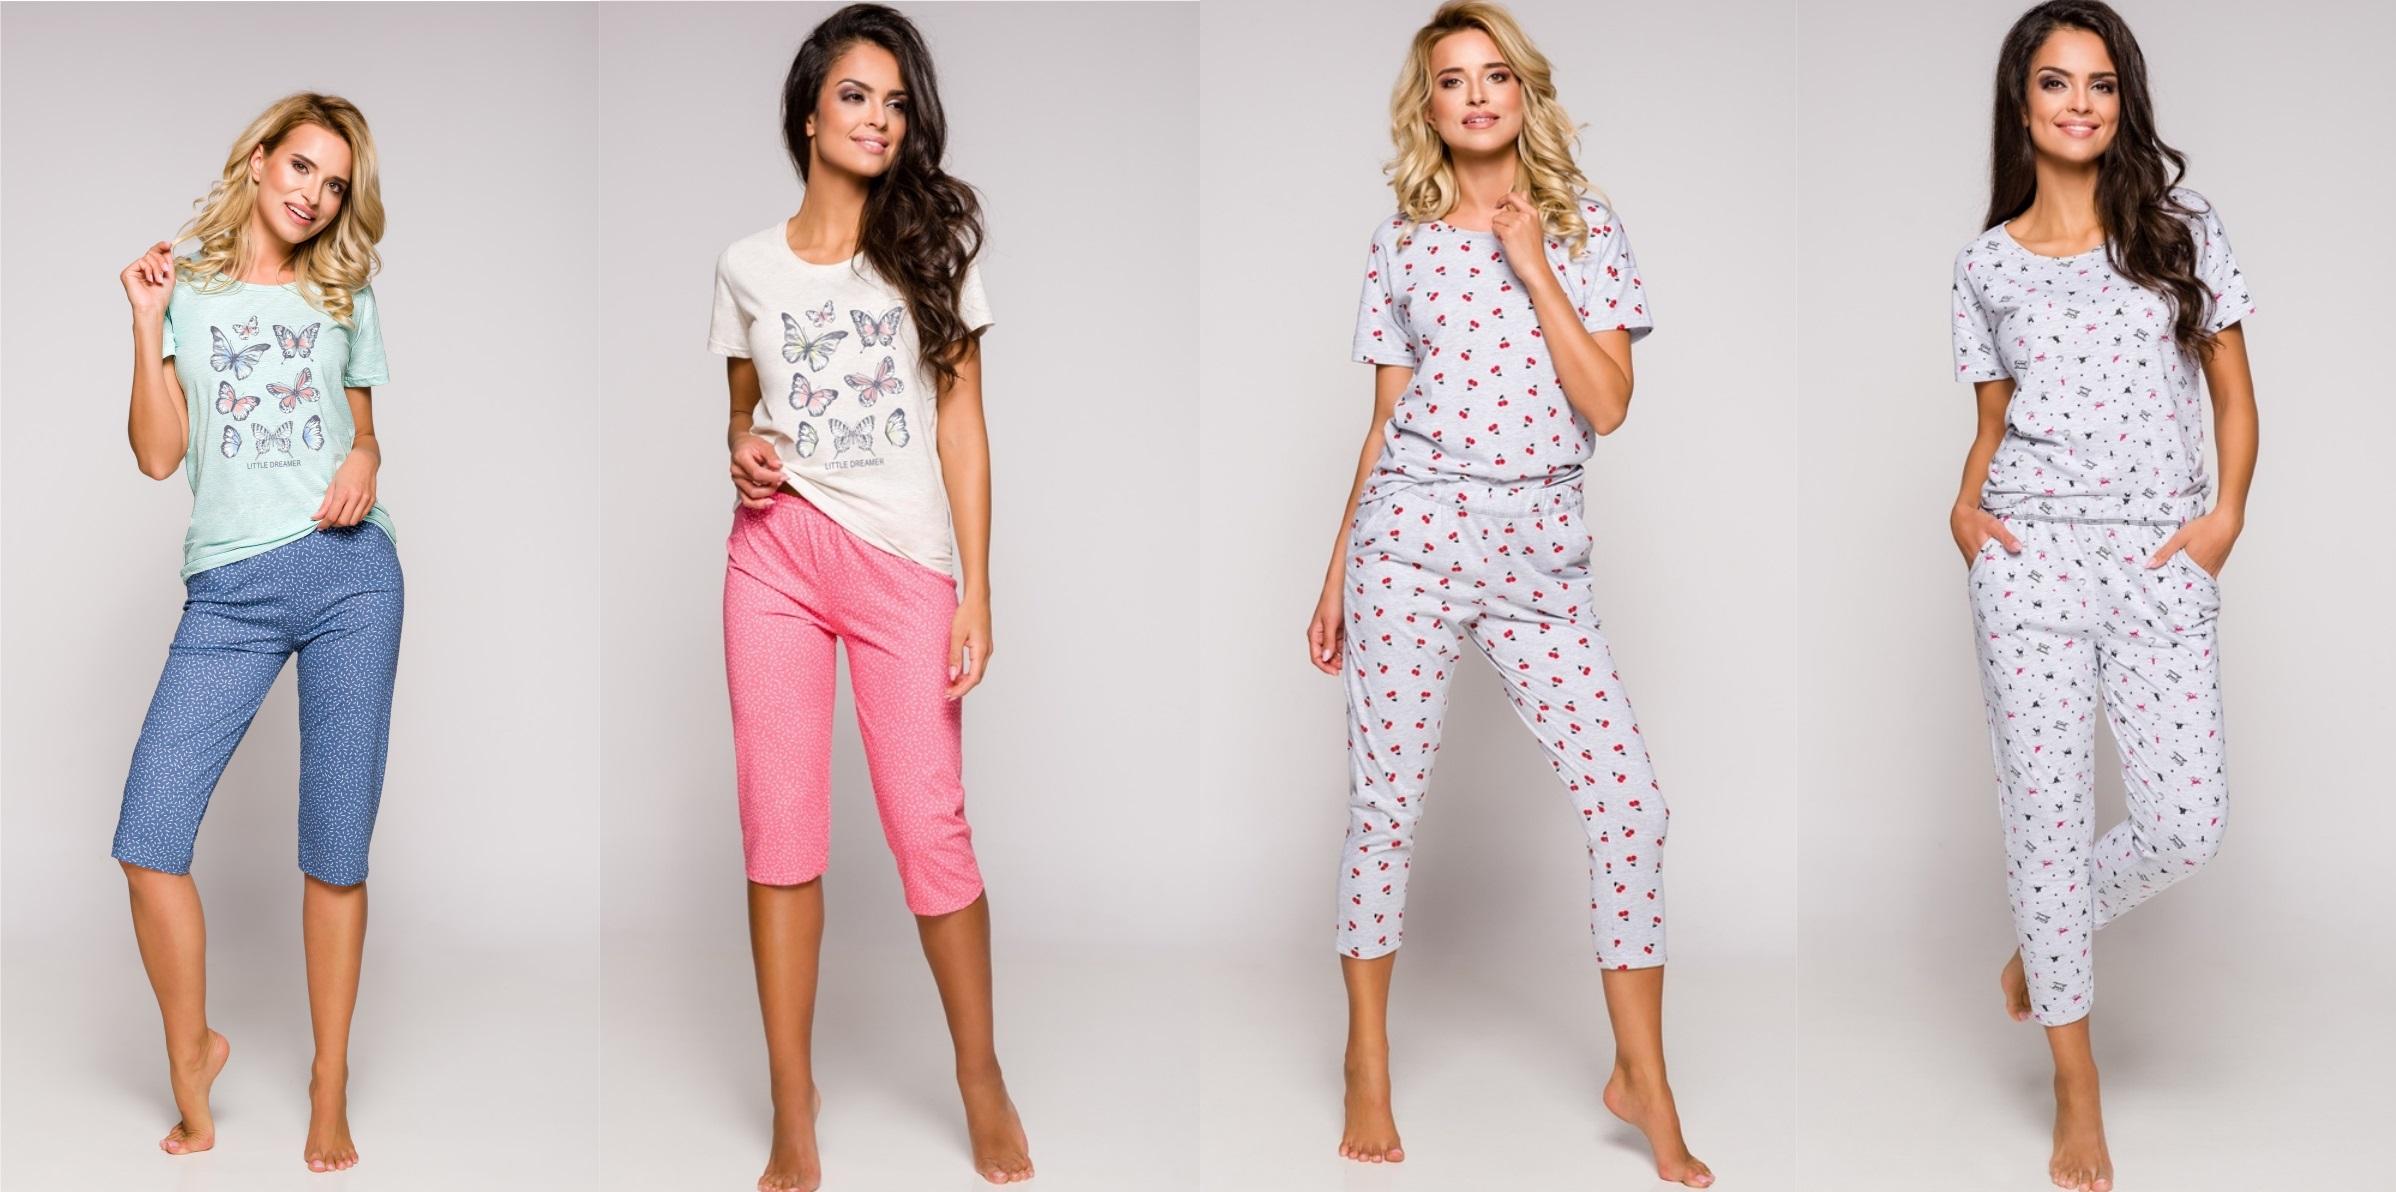 Taro женские пижамы купить